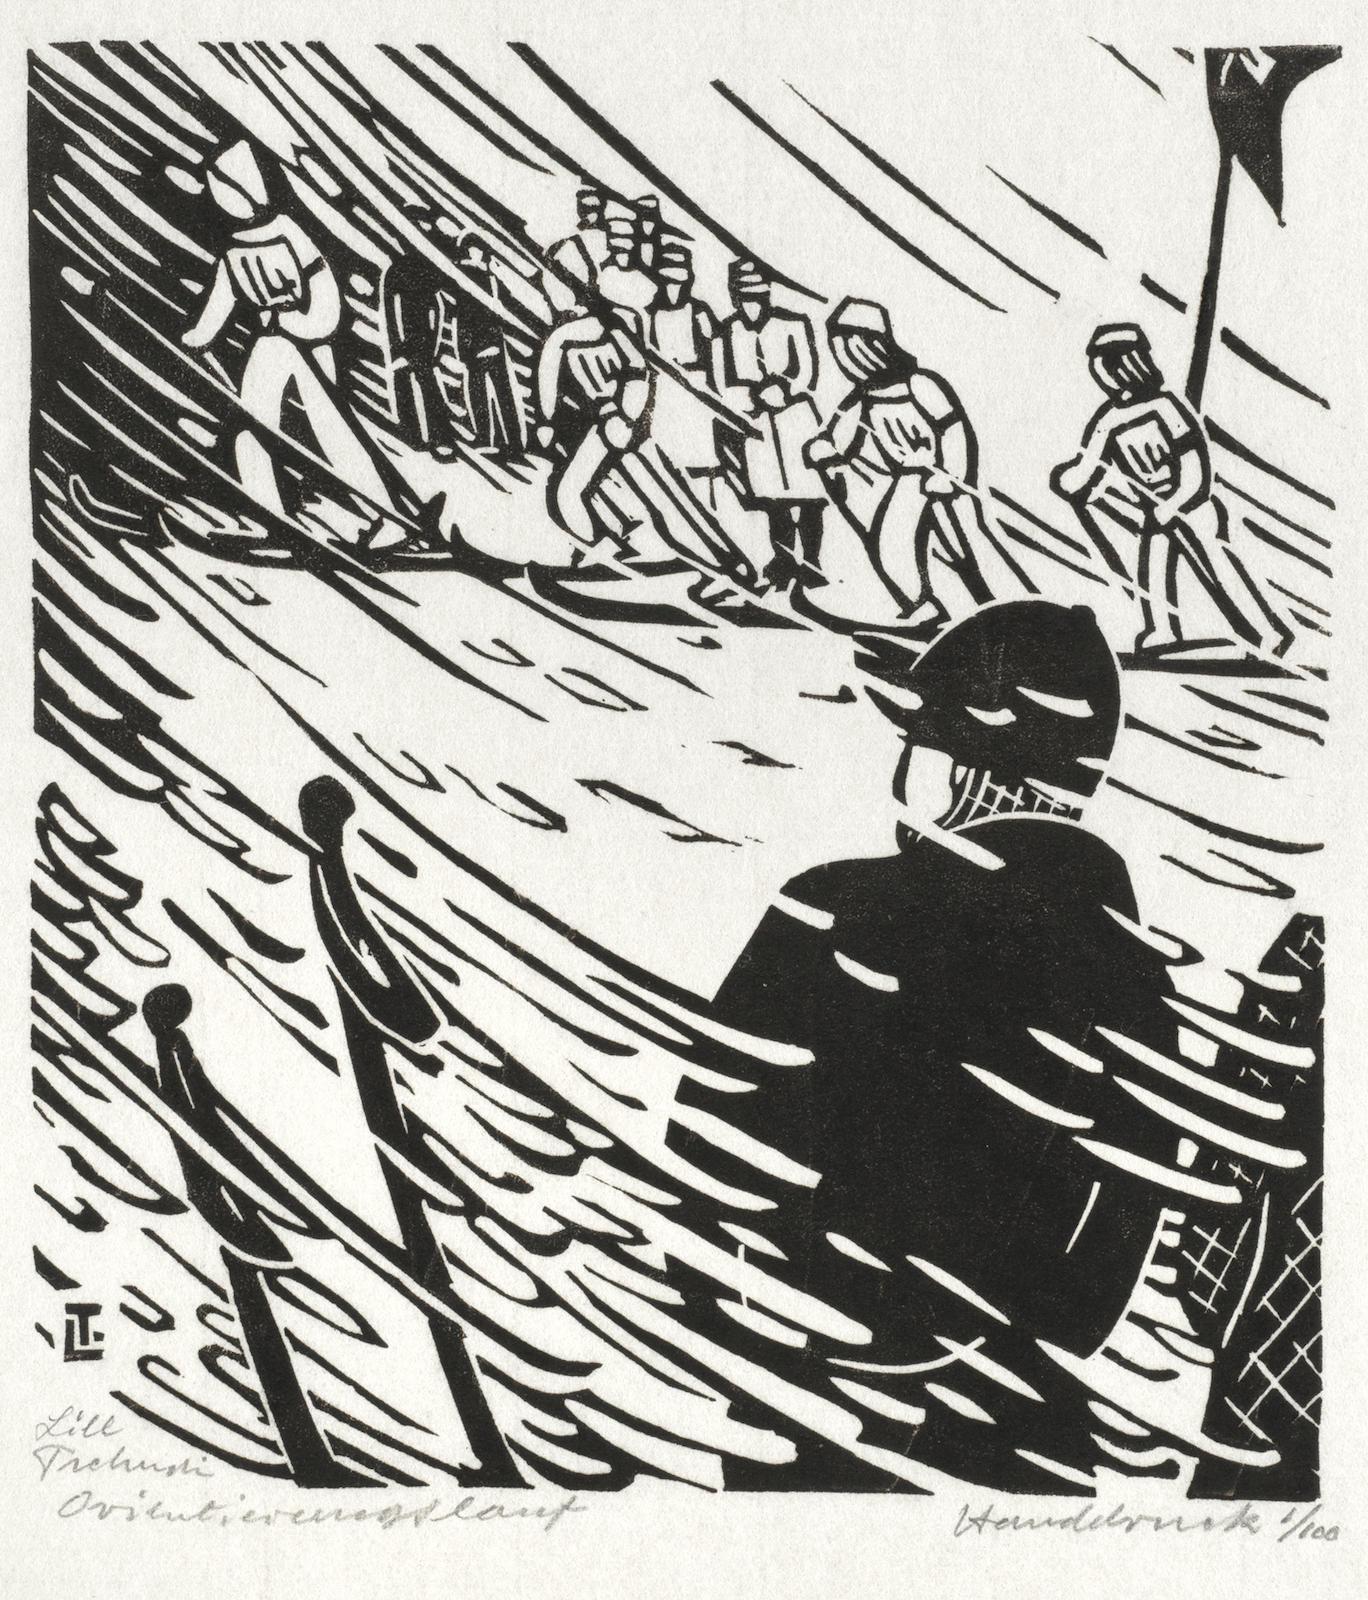 Lill Tschudi-FHD Patr. Orientierungslauf; Sondieren am Lawinenhang-1943